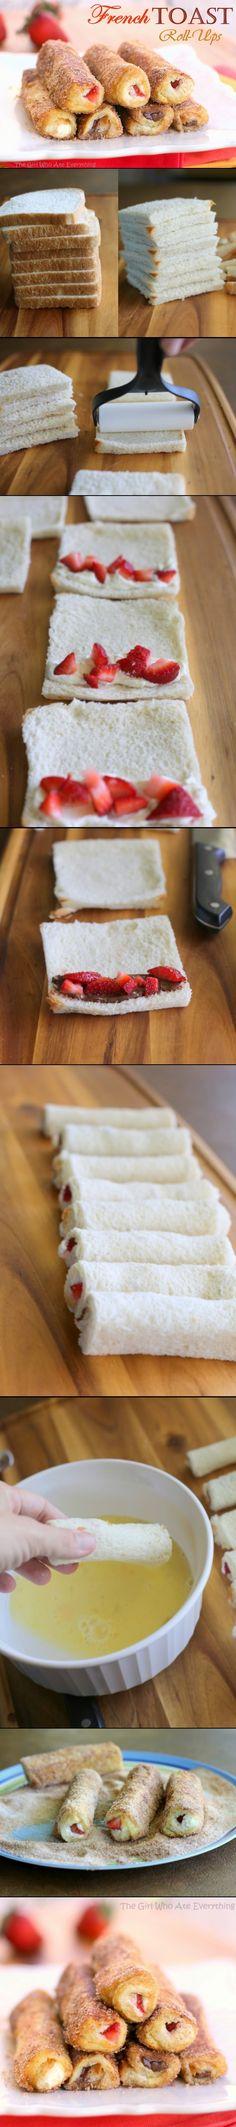 8 tranches de pain de mie, fromage frais ou nutella, fruits, 2 oeufs, 3 cc de lait, 1/3 cup sucre, un peu de canelle, beurre...